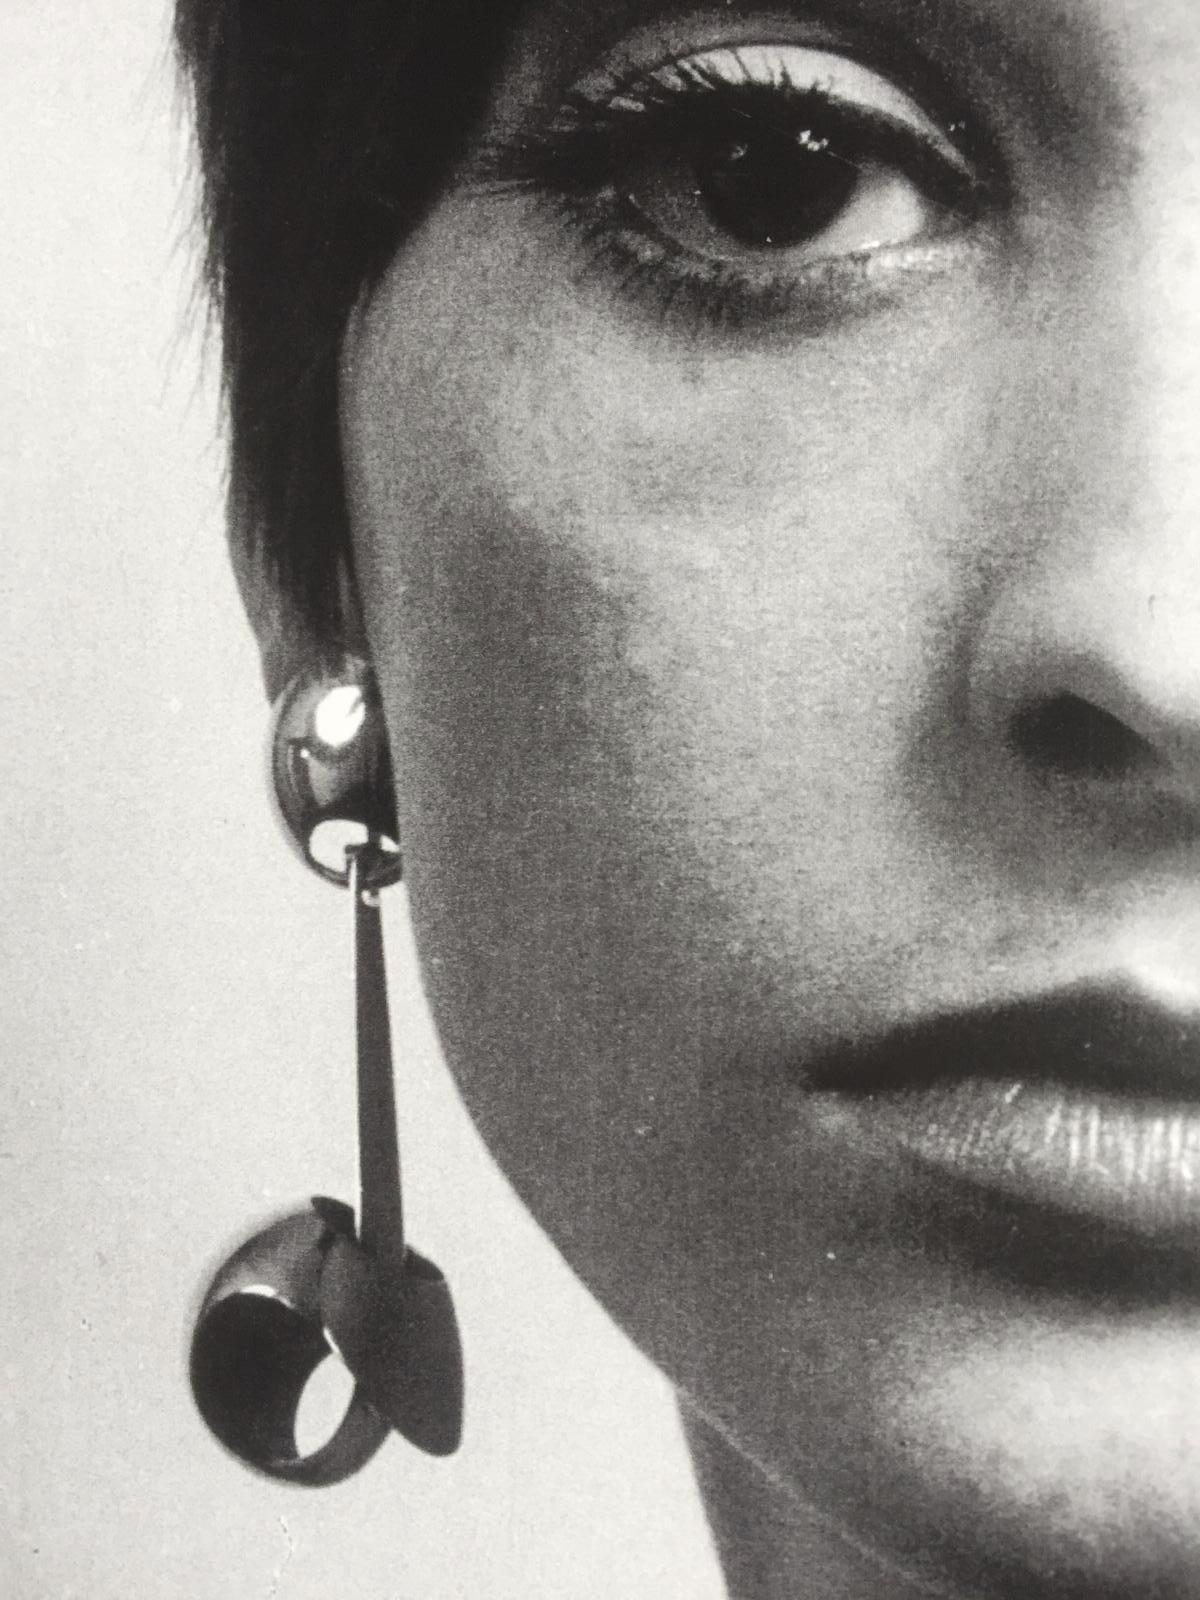 Bernard Laméris, Andrea, oorsieraad, 1964. Foto Rinus van Schie, zilver